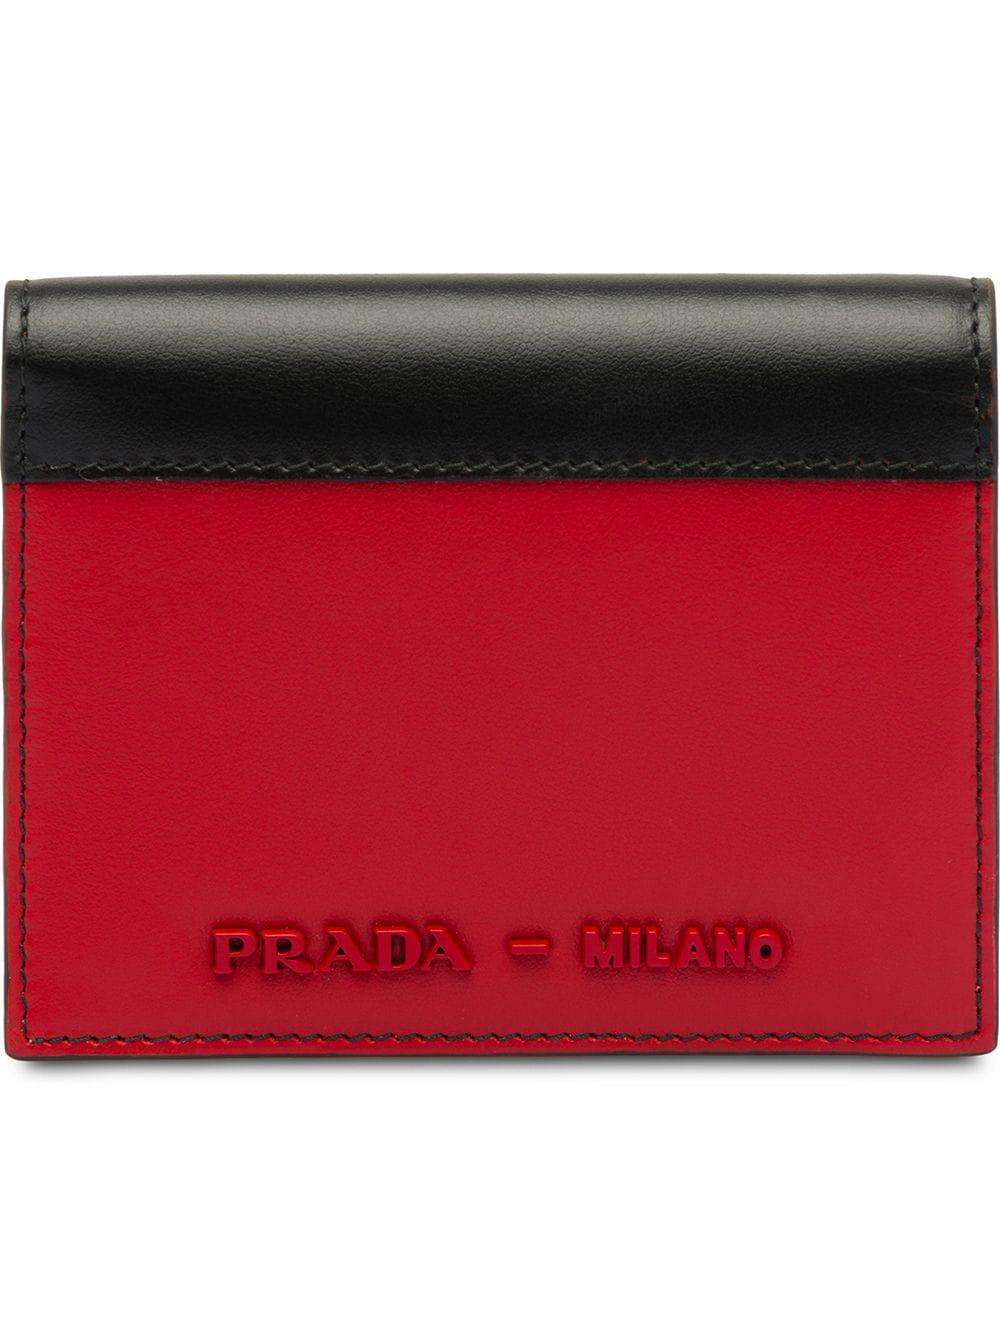 e1e3ba591e31 Prada Leather Wallet - Red | ModeSens